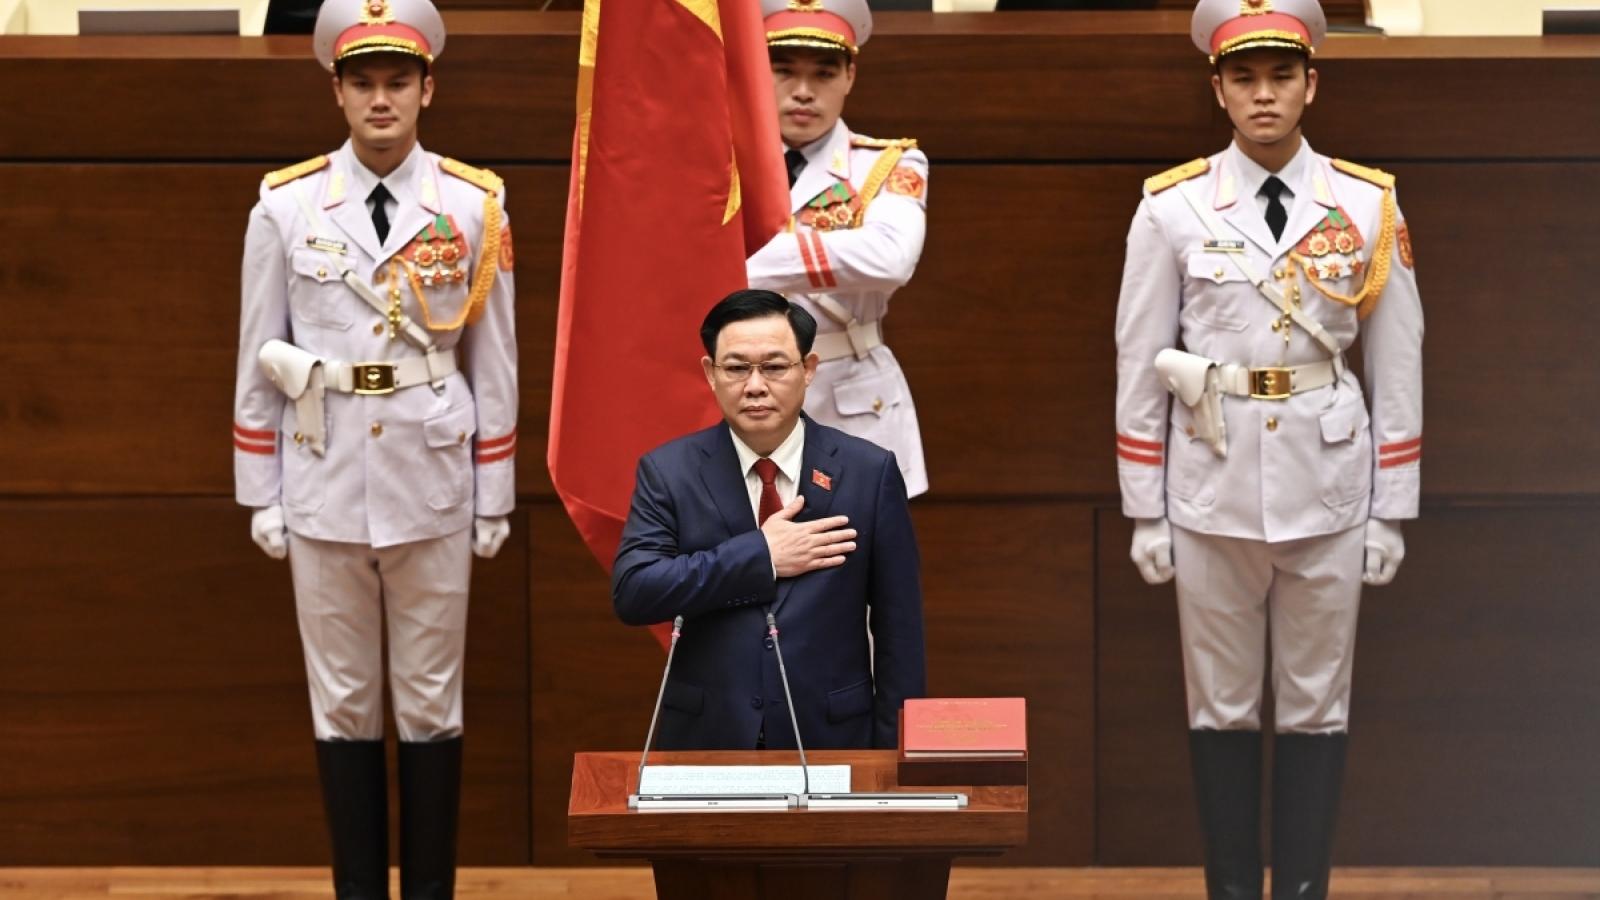 Video: Lễ tuyên thệ nhậm chức của tân Chủ tịch Quốc hội Vương Đình Huệ